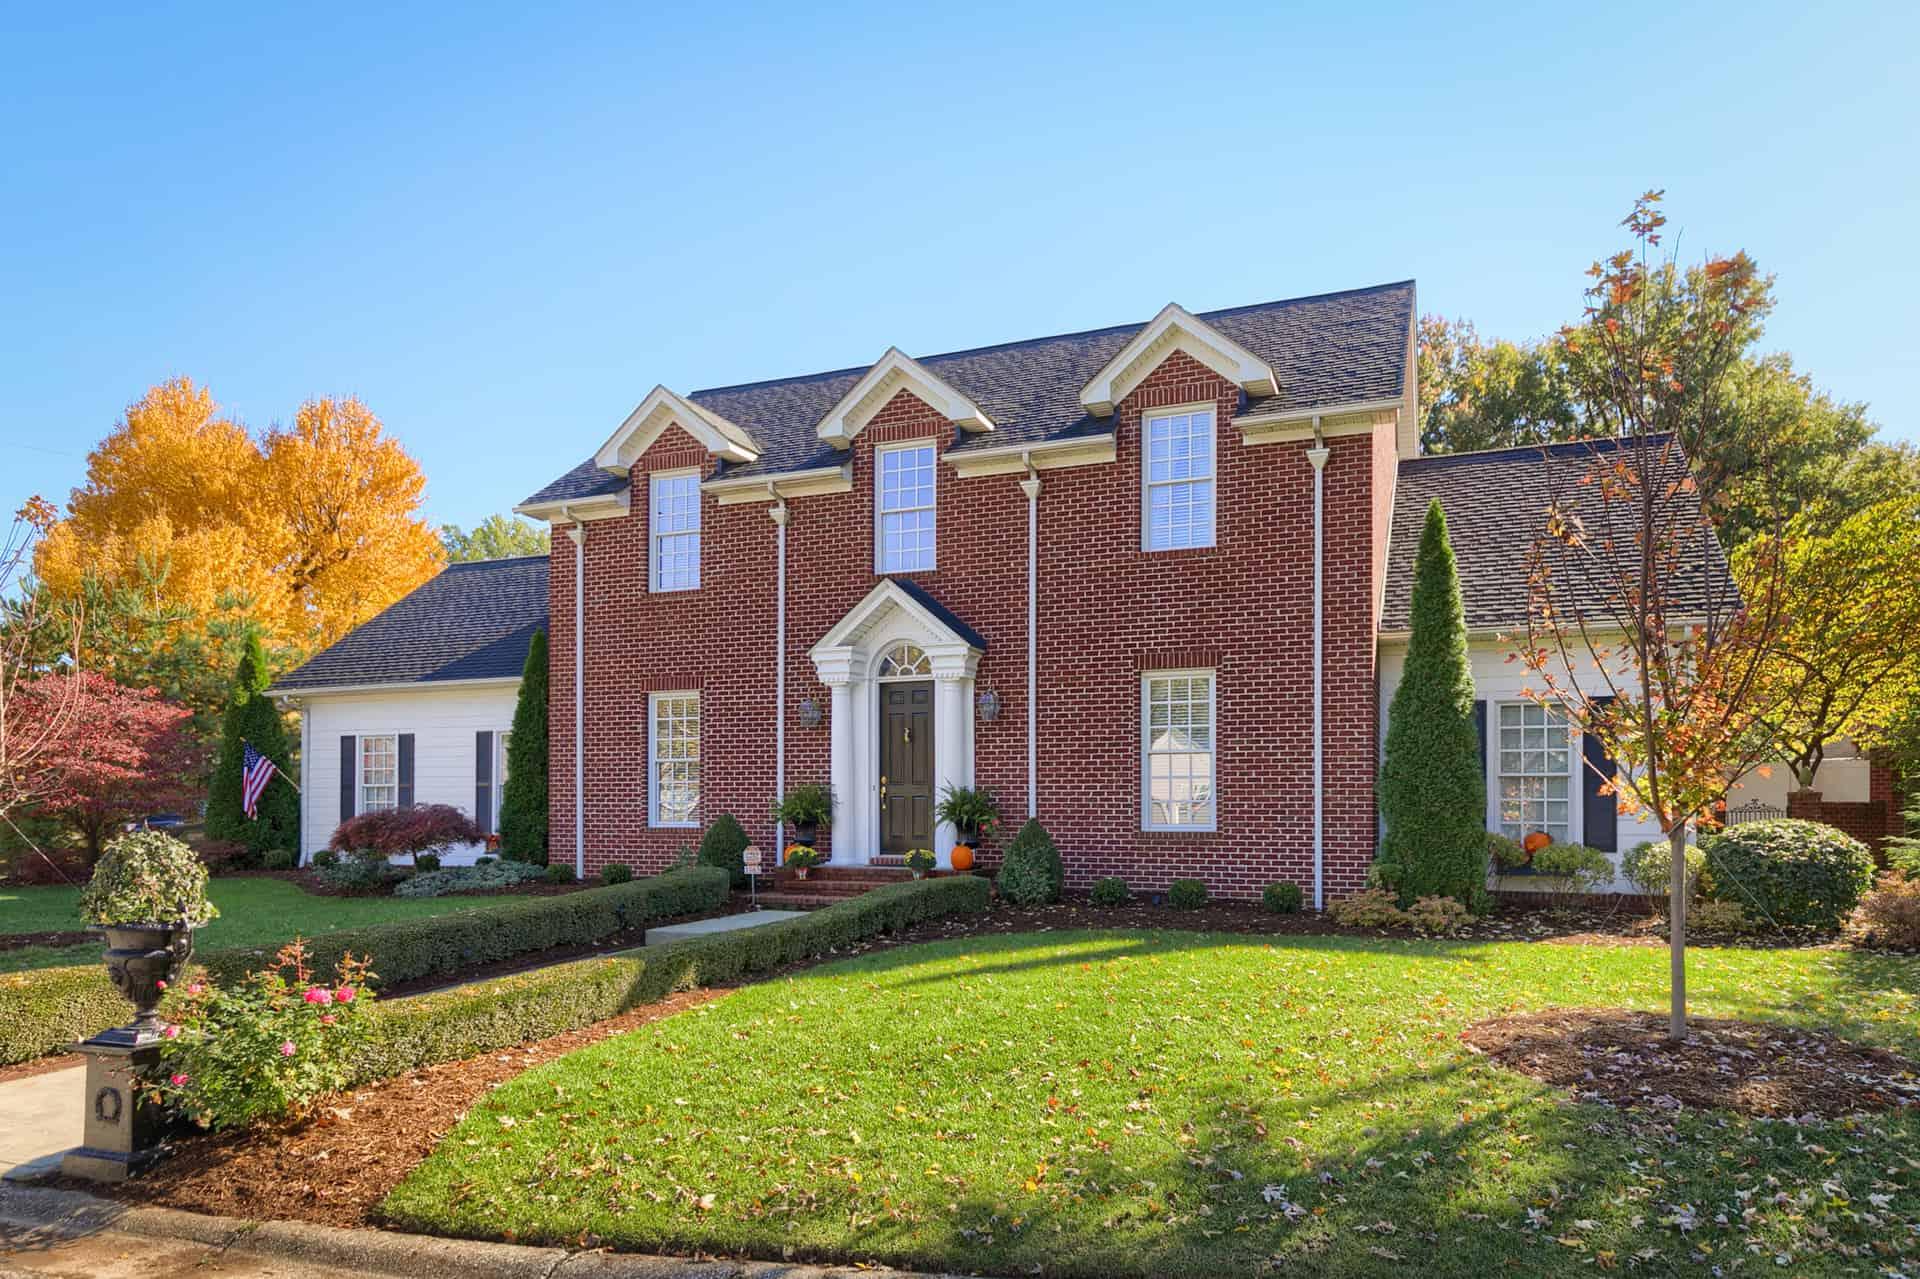 1563 Oak Park, Owensboro, KY 42301